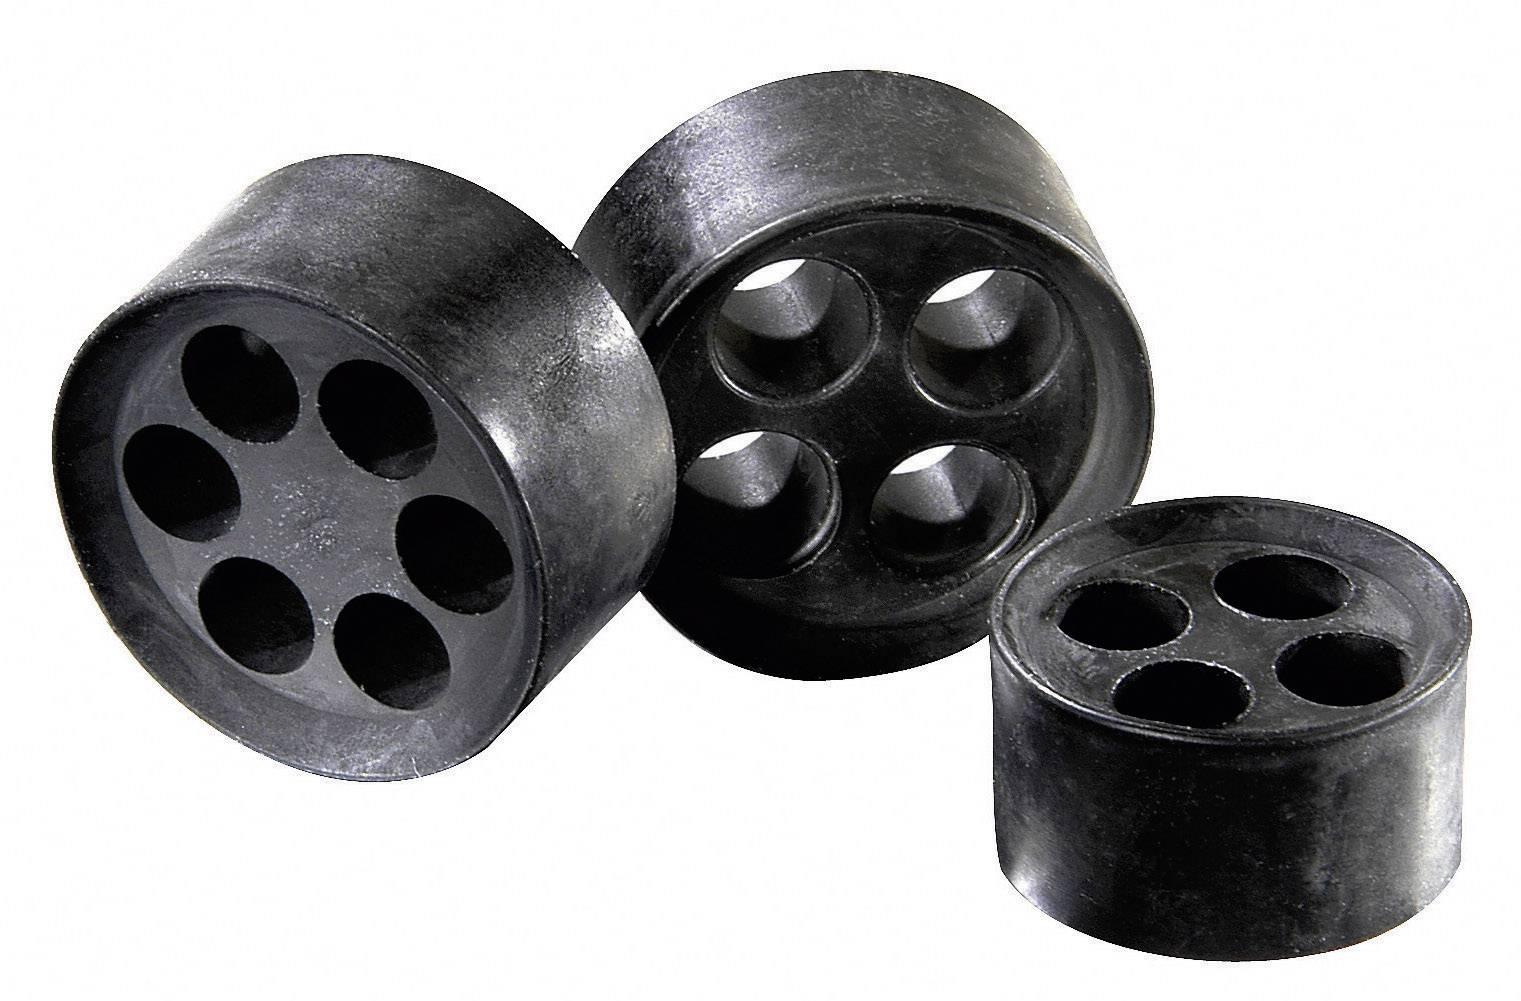 Těsnicí vložka M20 Wiska MFD 20/02/065 (10060953), IP66, M20, elastomer, černá